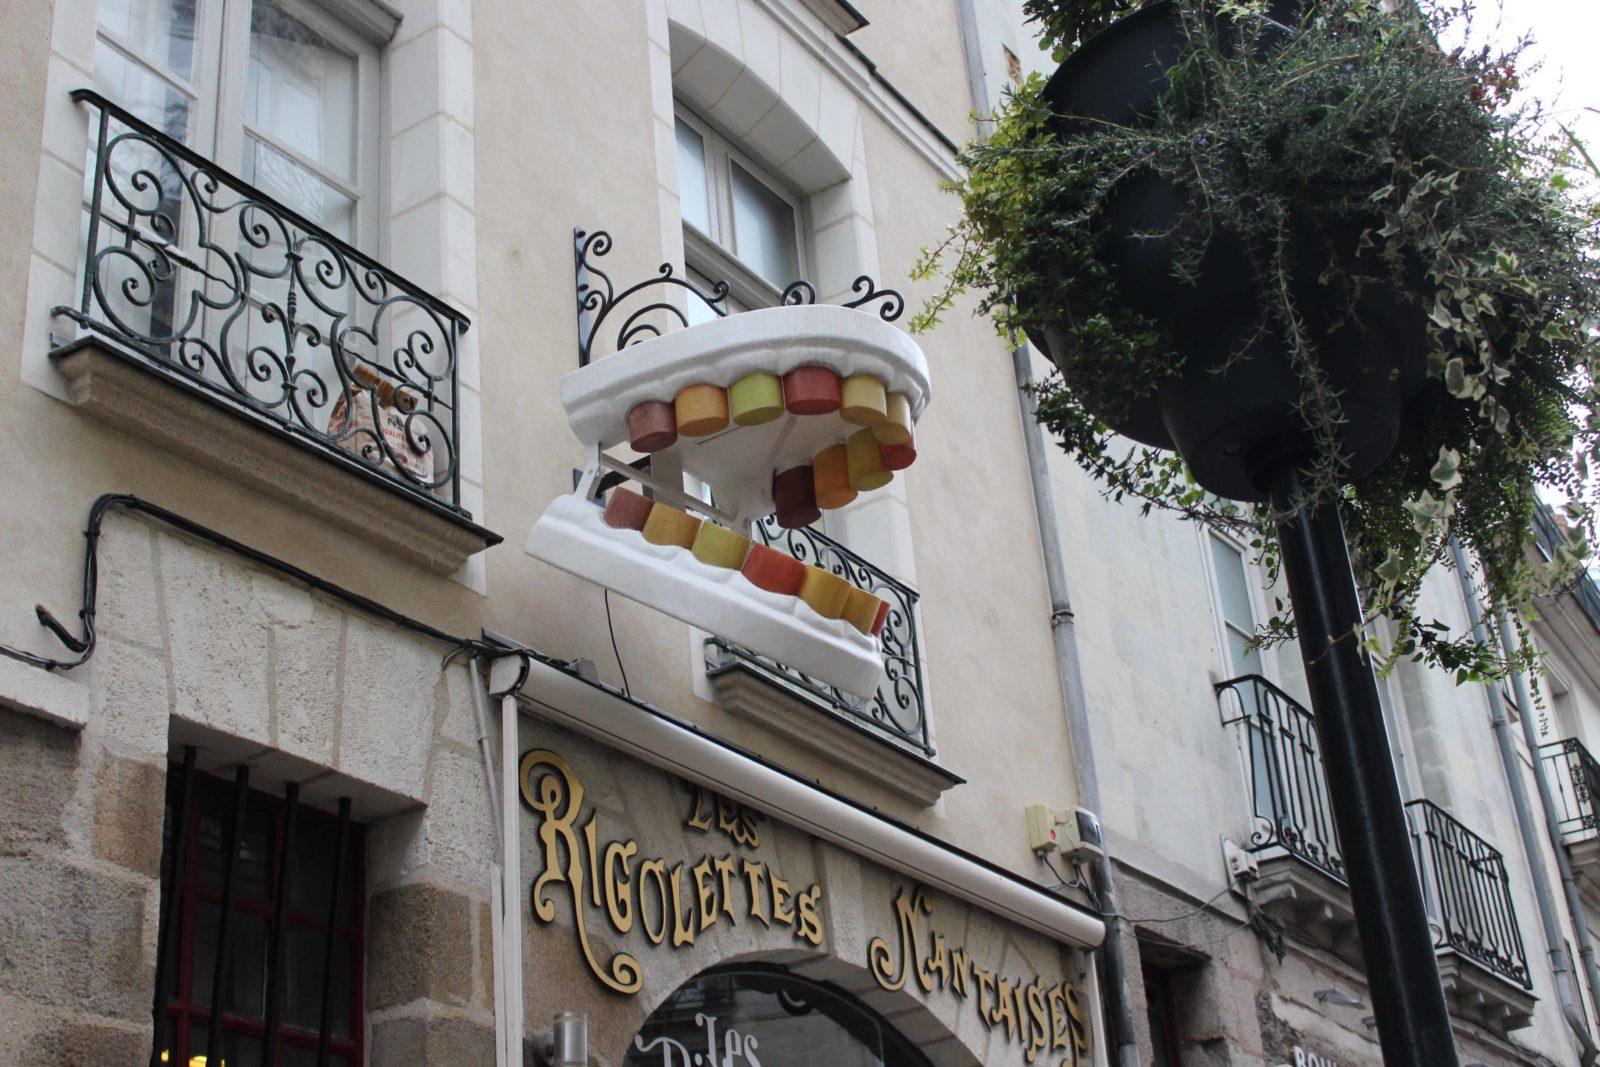 Nantes enseigne Rigolettes